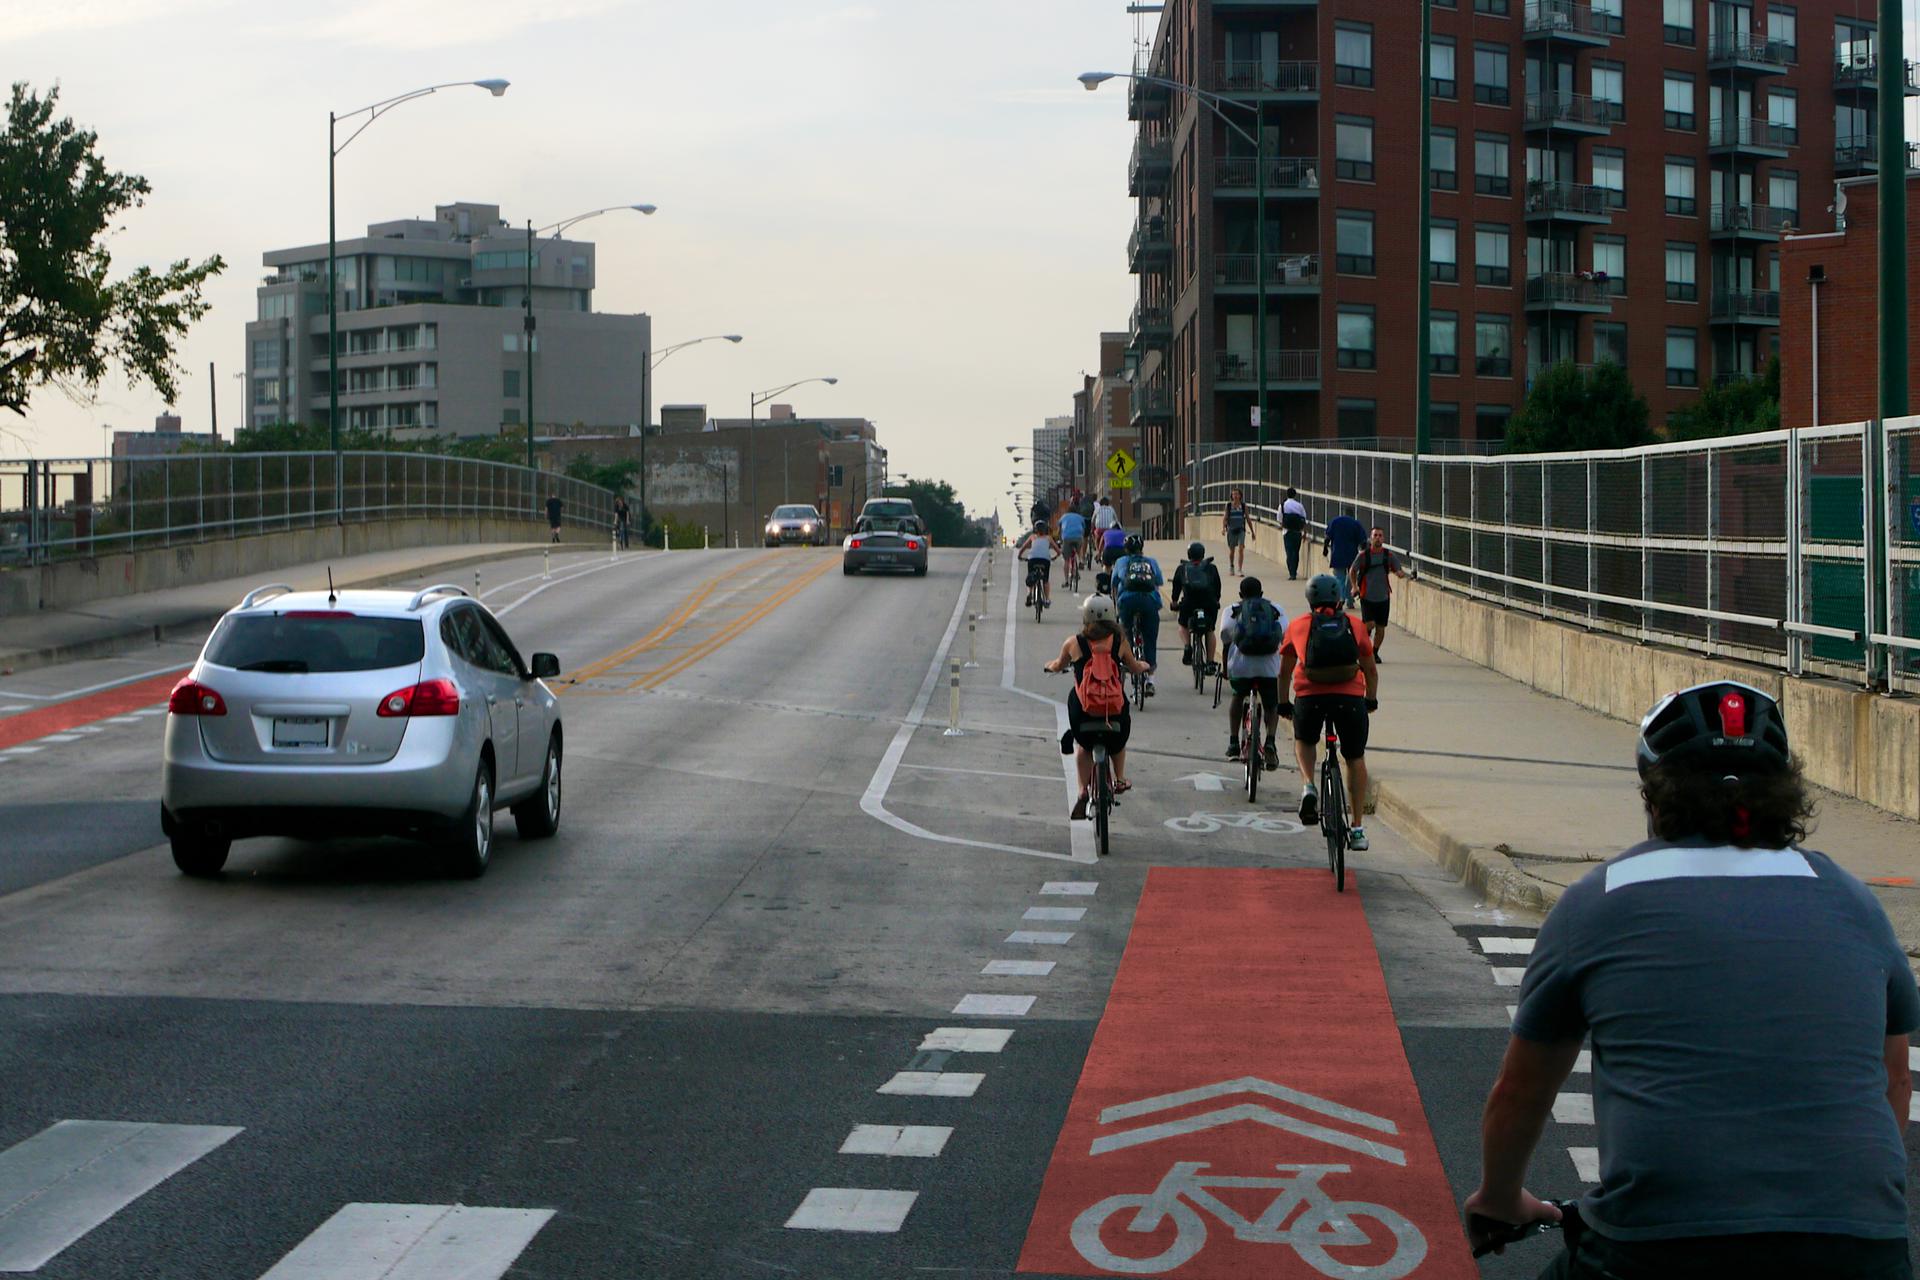 Zdjęcie pasa rowerowego rowerowej zwidocznym znakiem ijadącym rowerzystą, obok jadący samochód